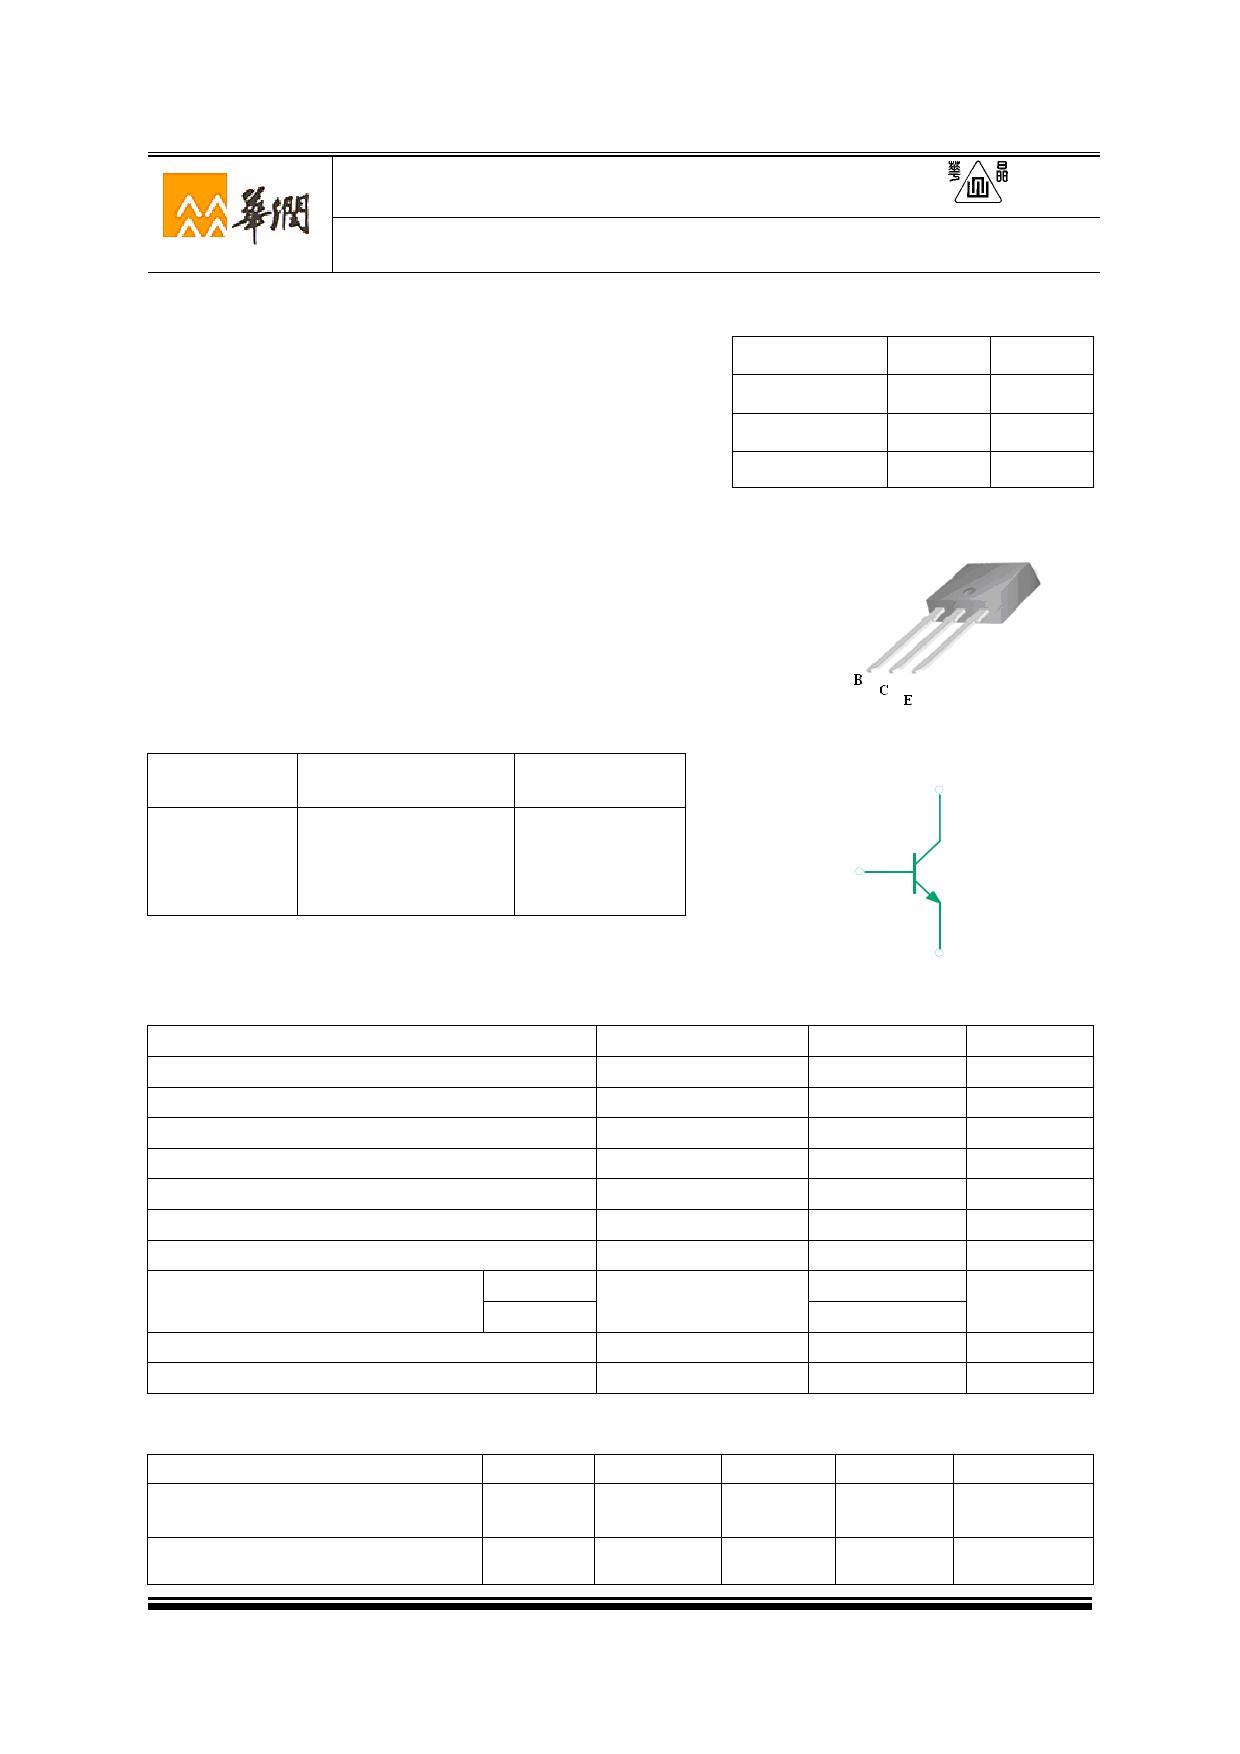 3DD3040A3 Datasheet, 3DD3040A3 PDF,ピン配置, 機能